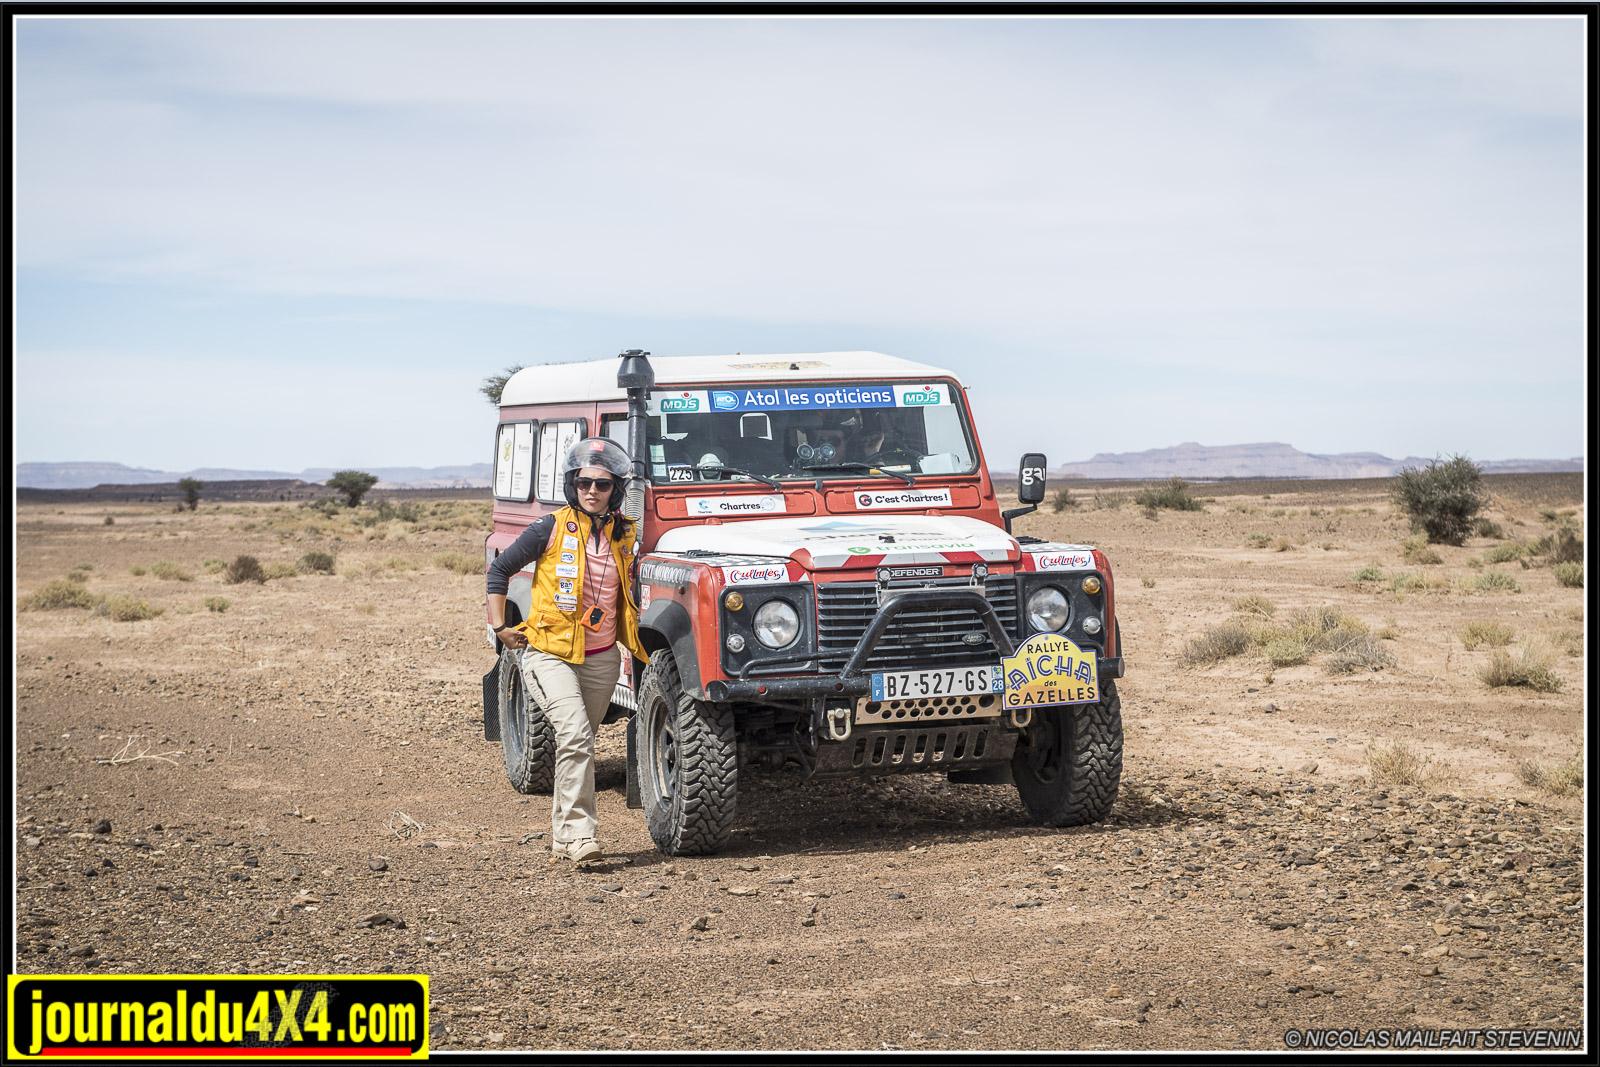 rallye-aicha-gazelles-maroc-2017-6767.jpg